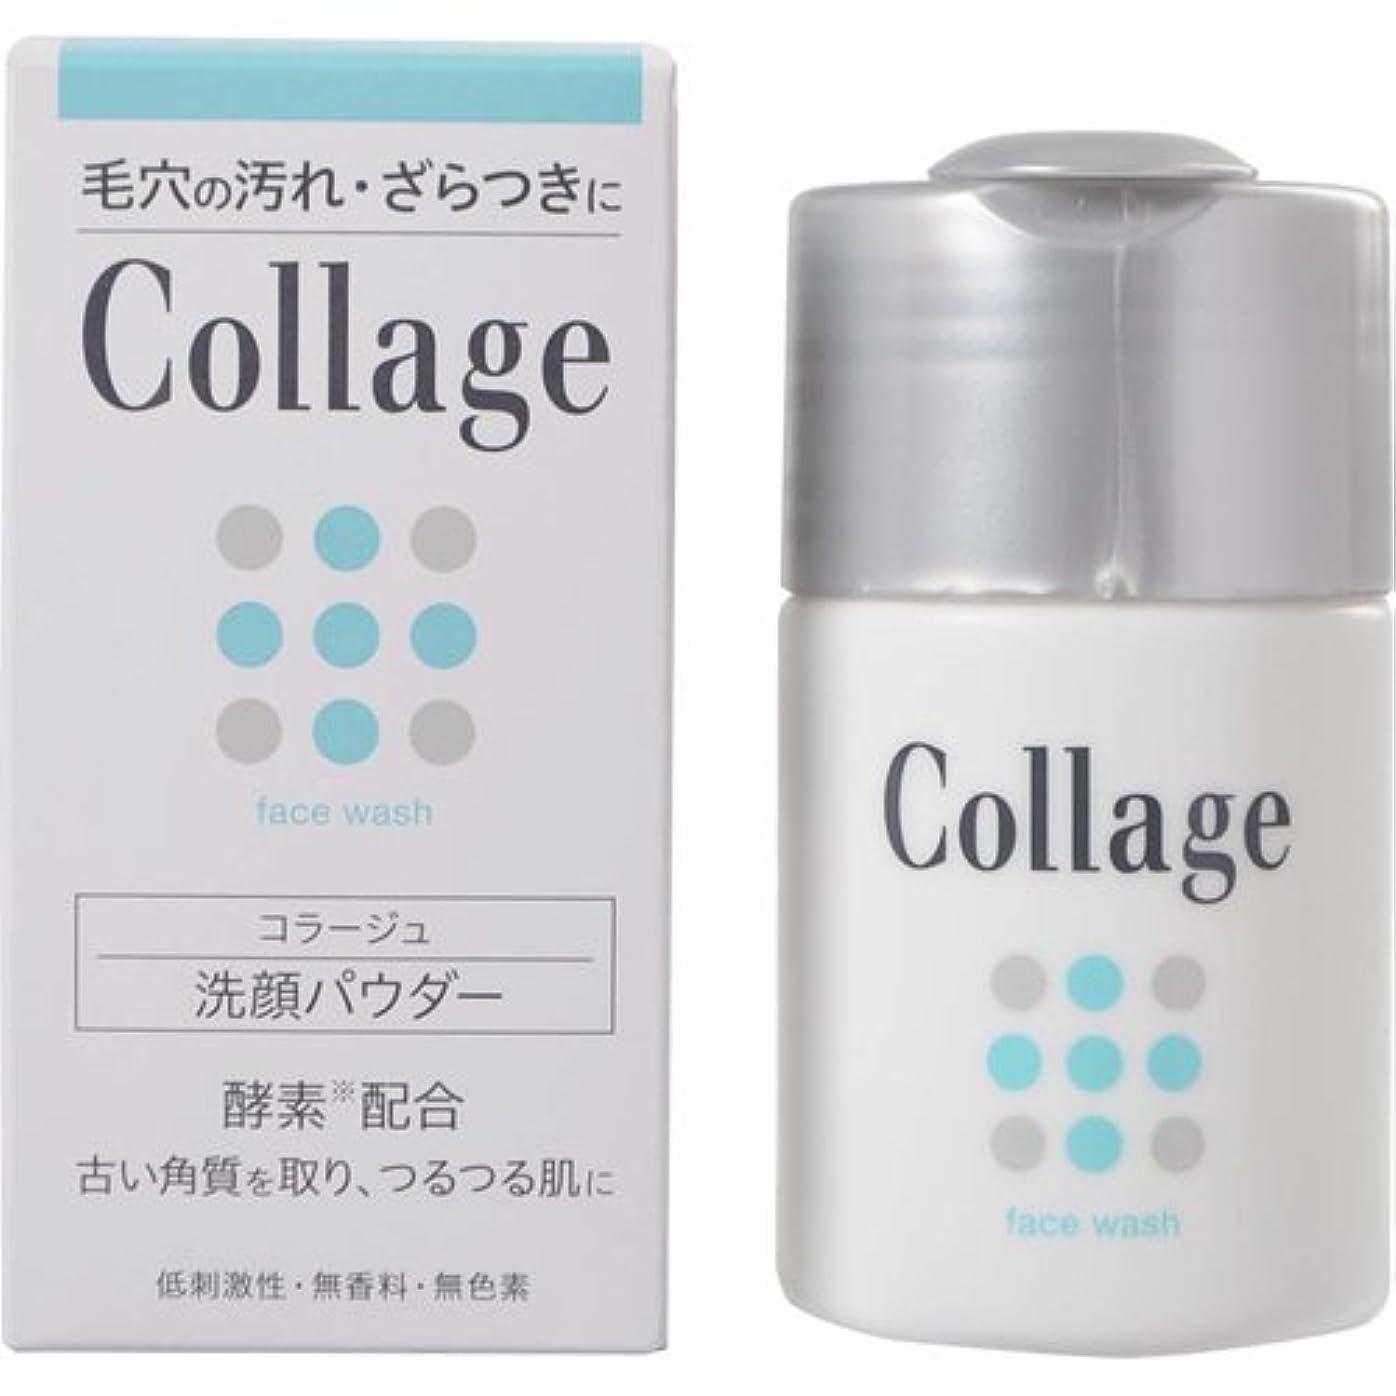 購入オンスネーピアコラージュ 洗顔パウダー 40g